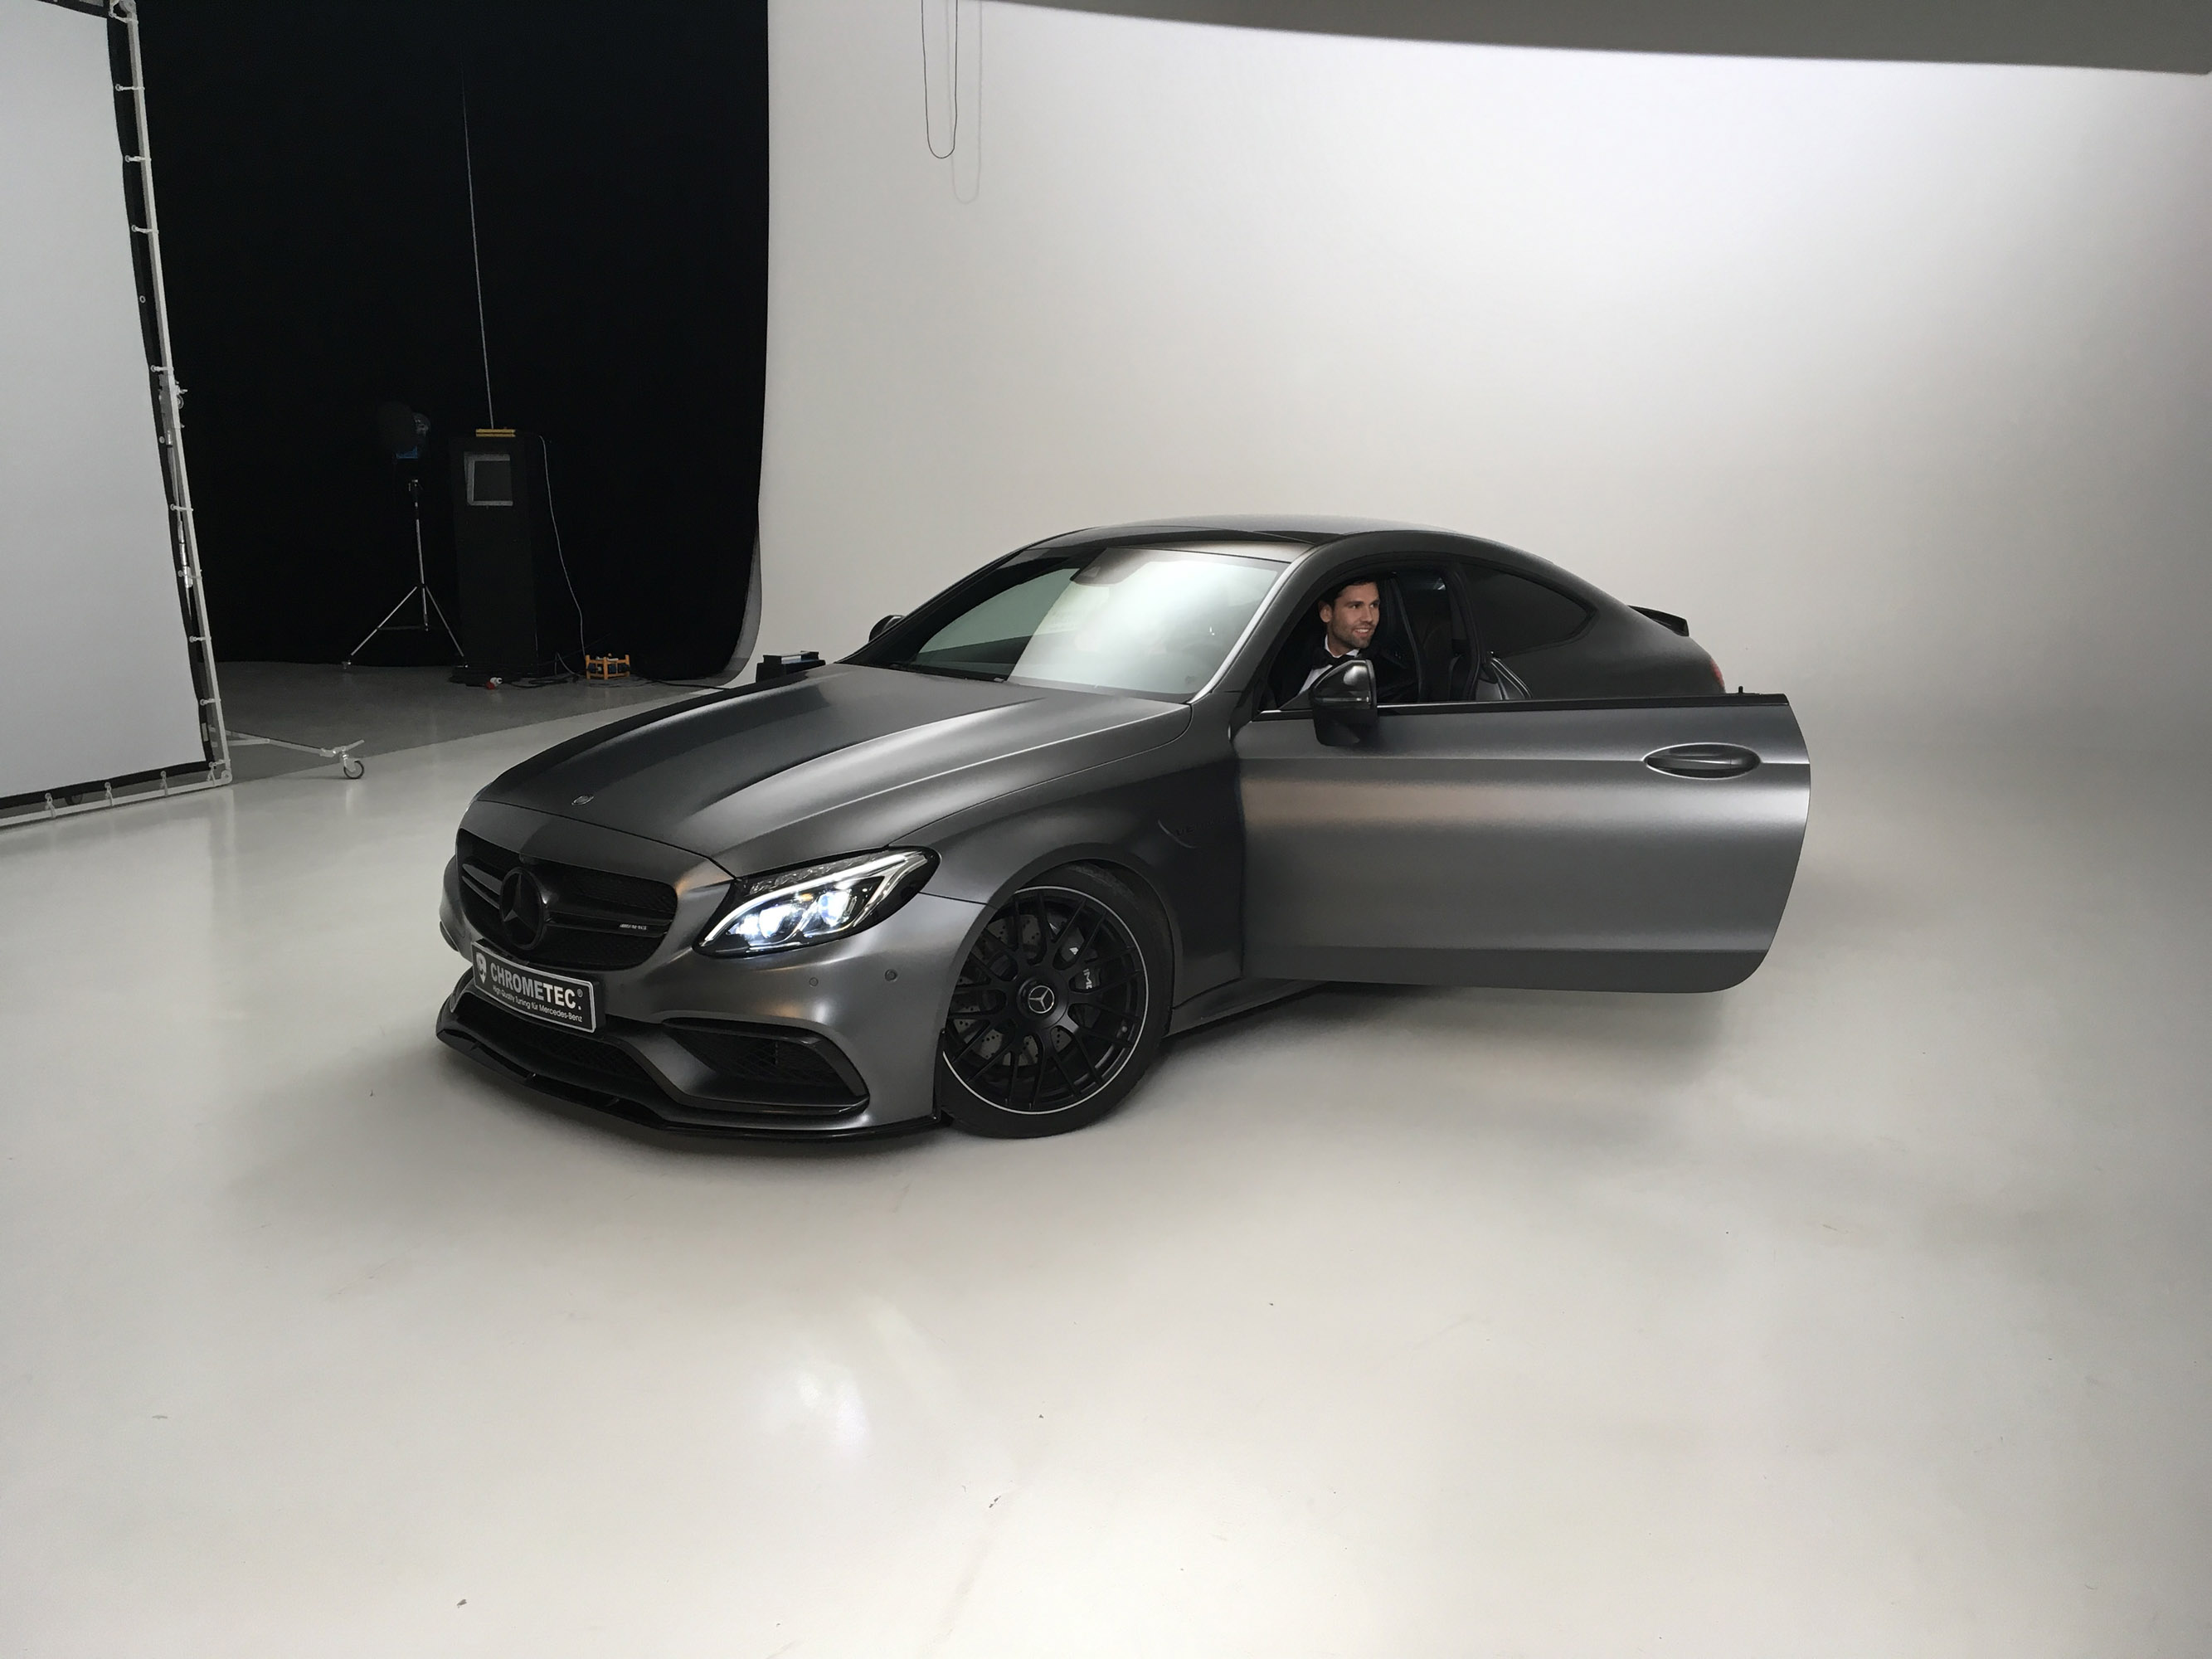 Дело не в том, что мы еще не видели такого, но то, что привлекло наше внимание, - это то, насколько хорошо этот стиль подходит к общему дизайну автомобиля.